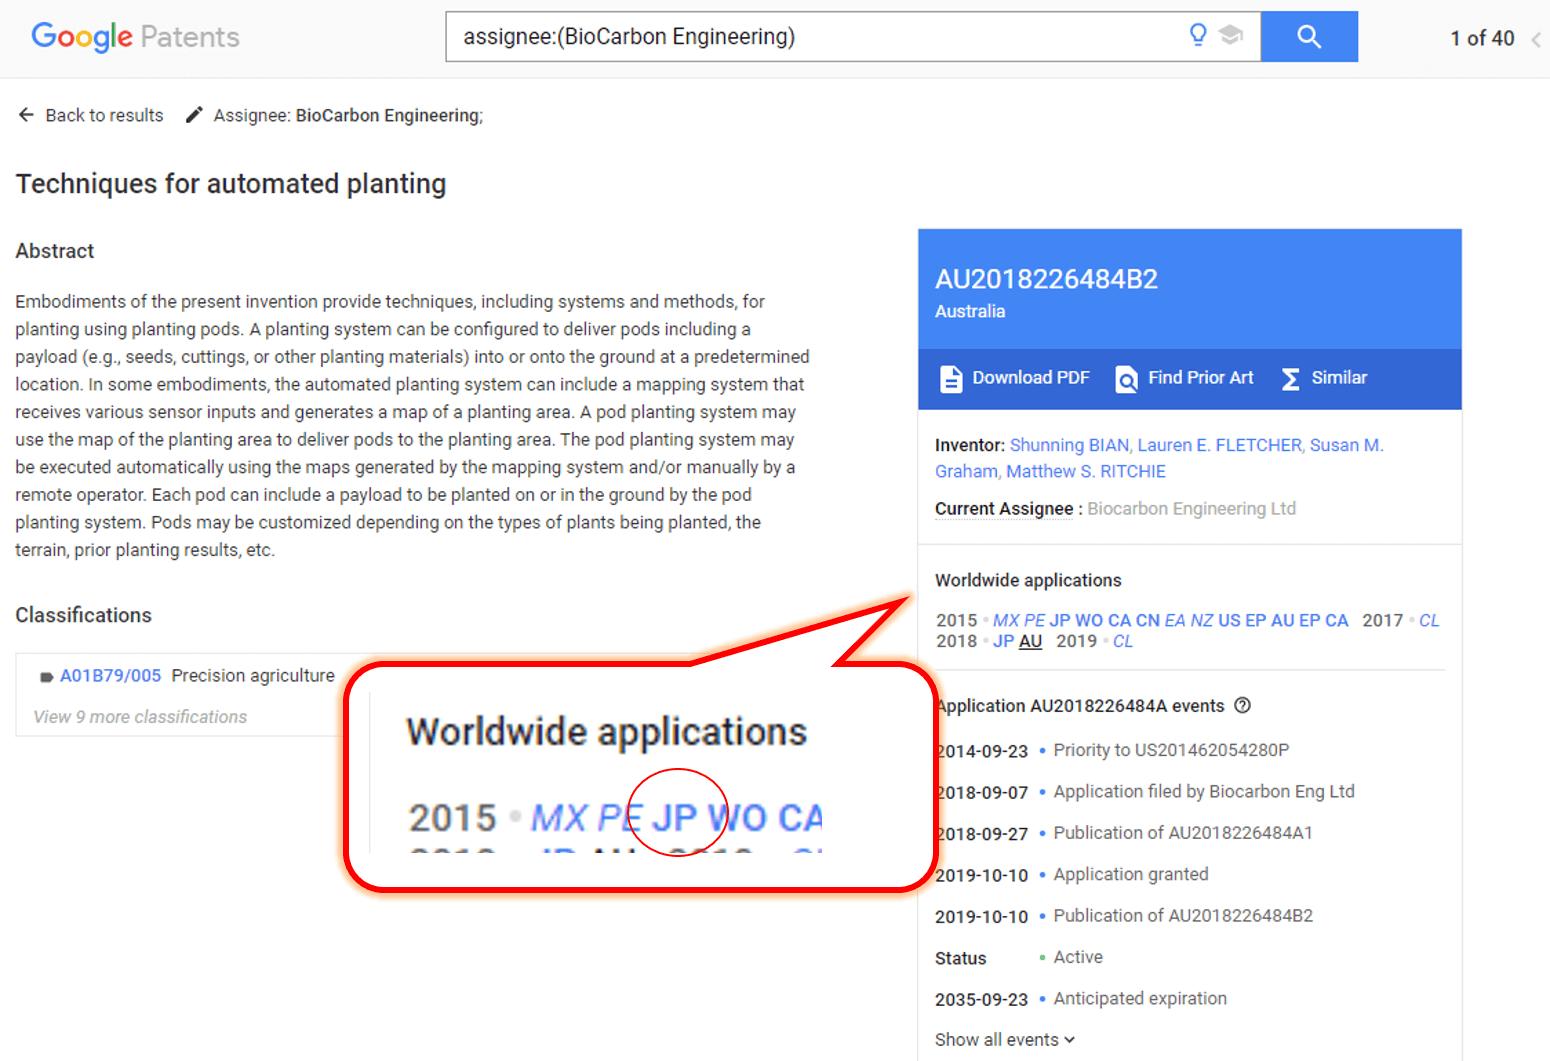 Worldswide application_BioCarbonEngineering